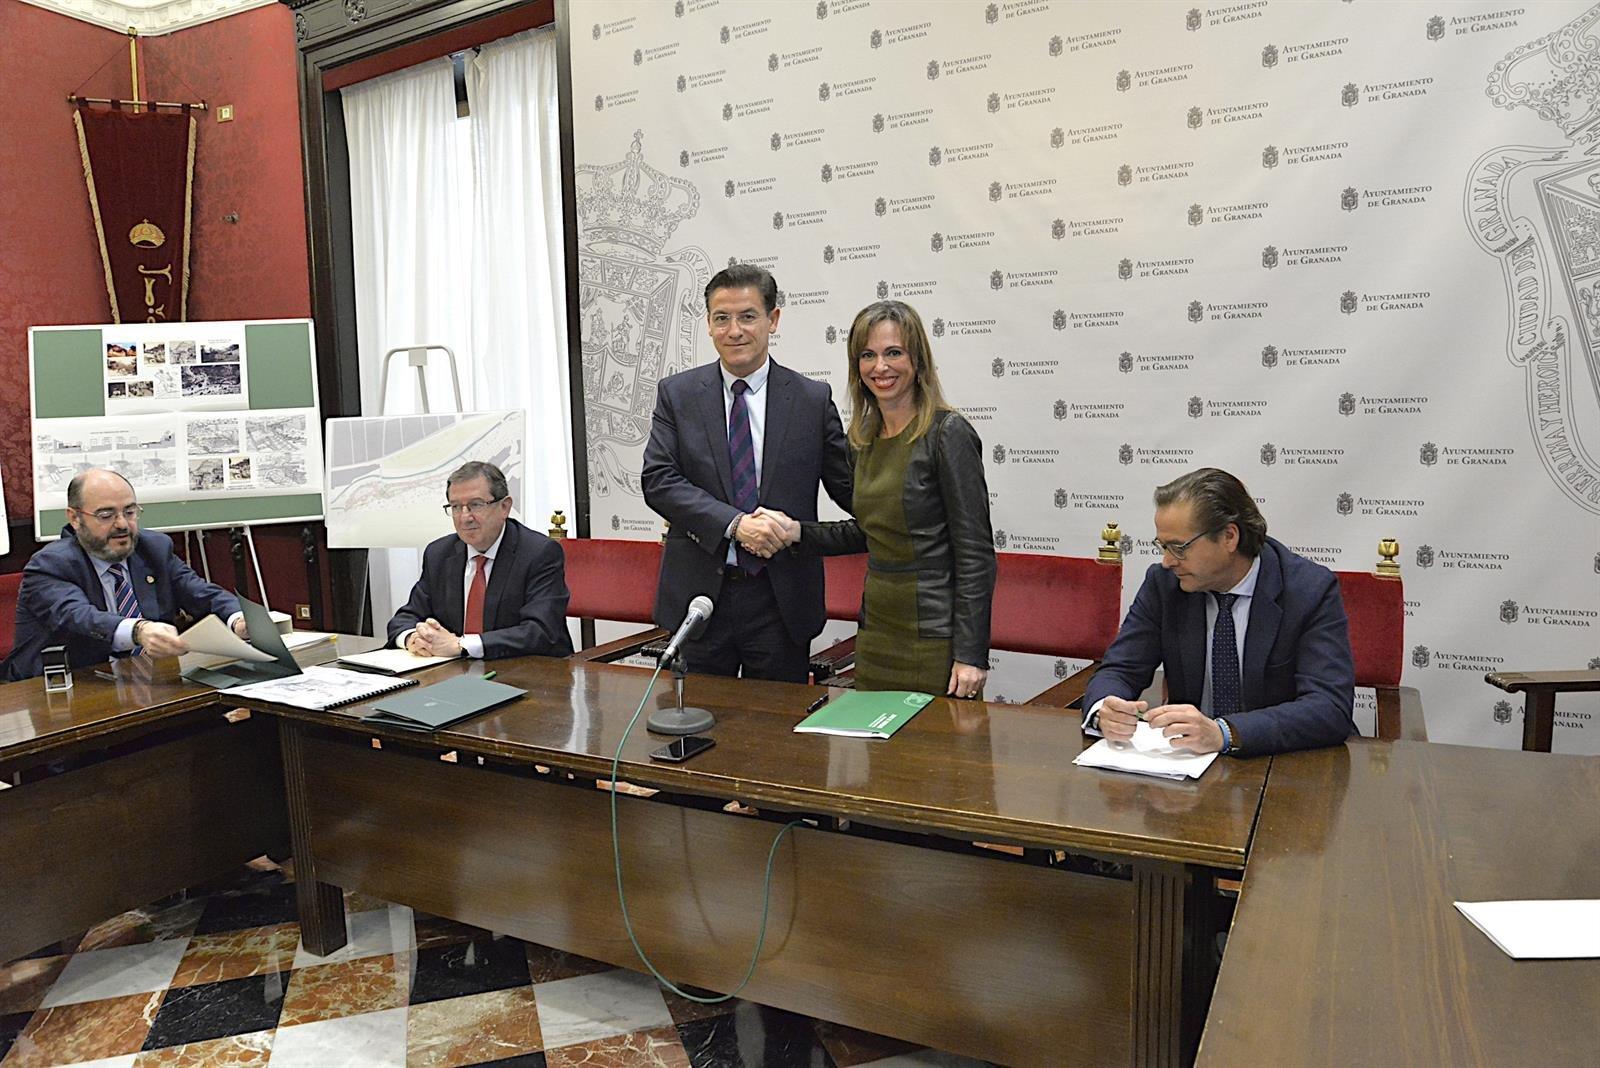 La Alhambra invertirá 1,8 millones de euros en la rehabilitación del Paseo de Romayla